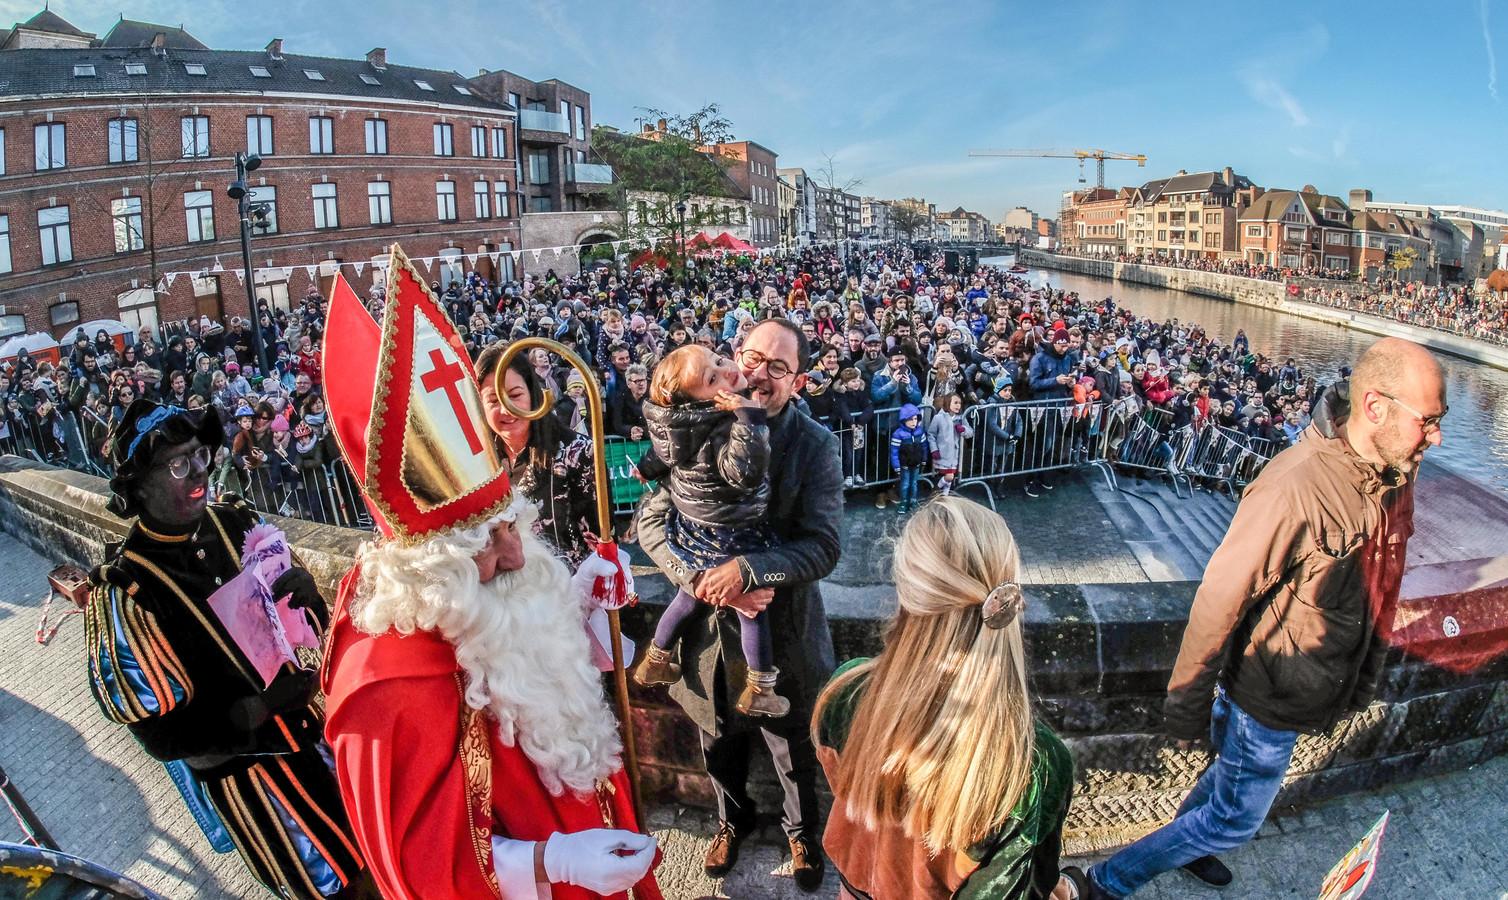 Burgemeester Vincent Van Quickenborne kwam de Sint tegemoet met zijn dochtertje Bo op de arm.